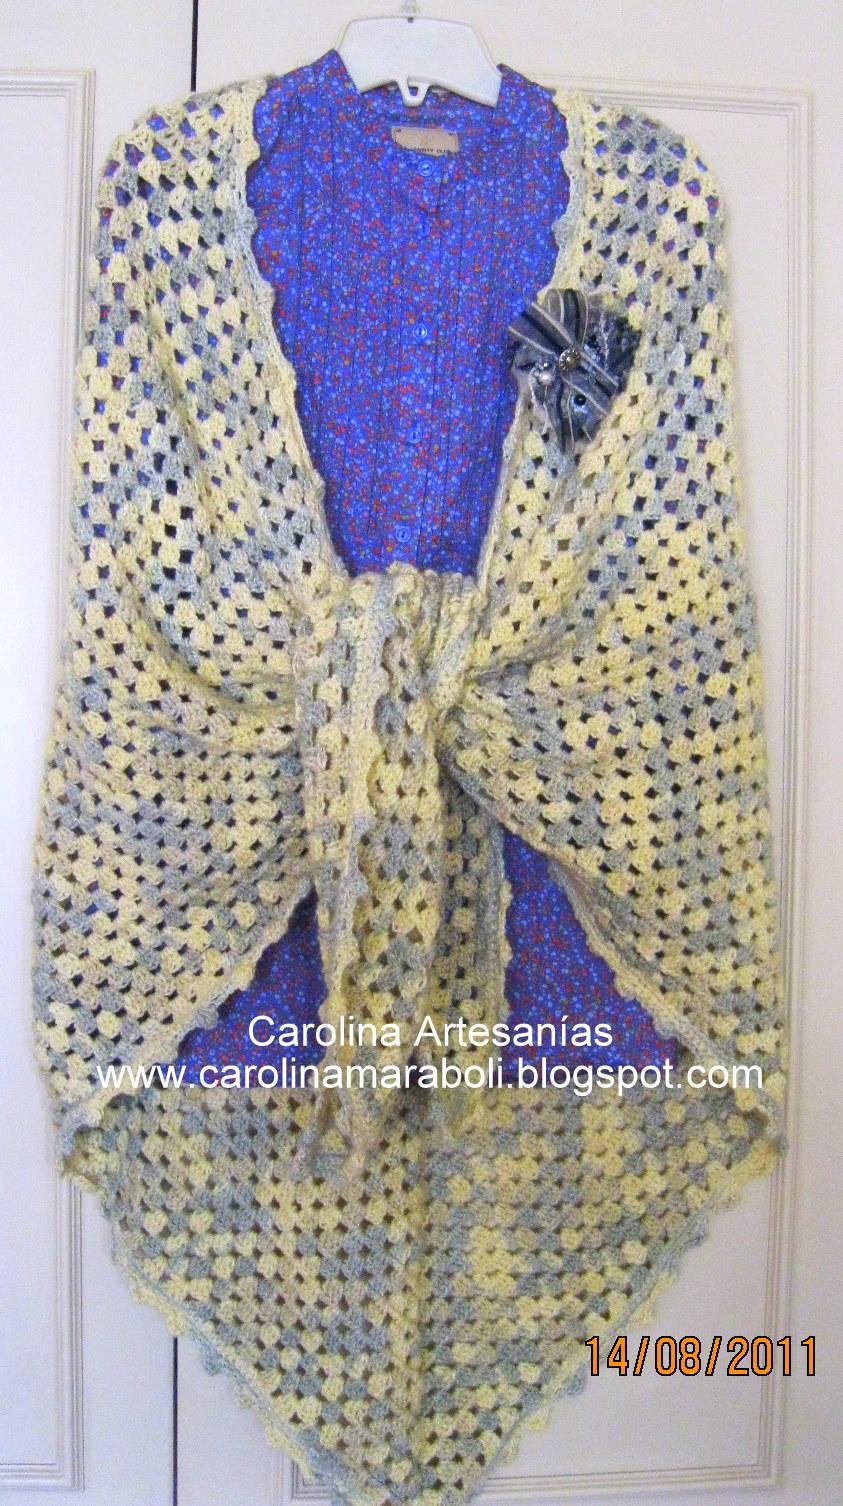 206.- Ruana o chal mujer, tejido a mano, crochet.